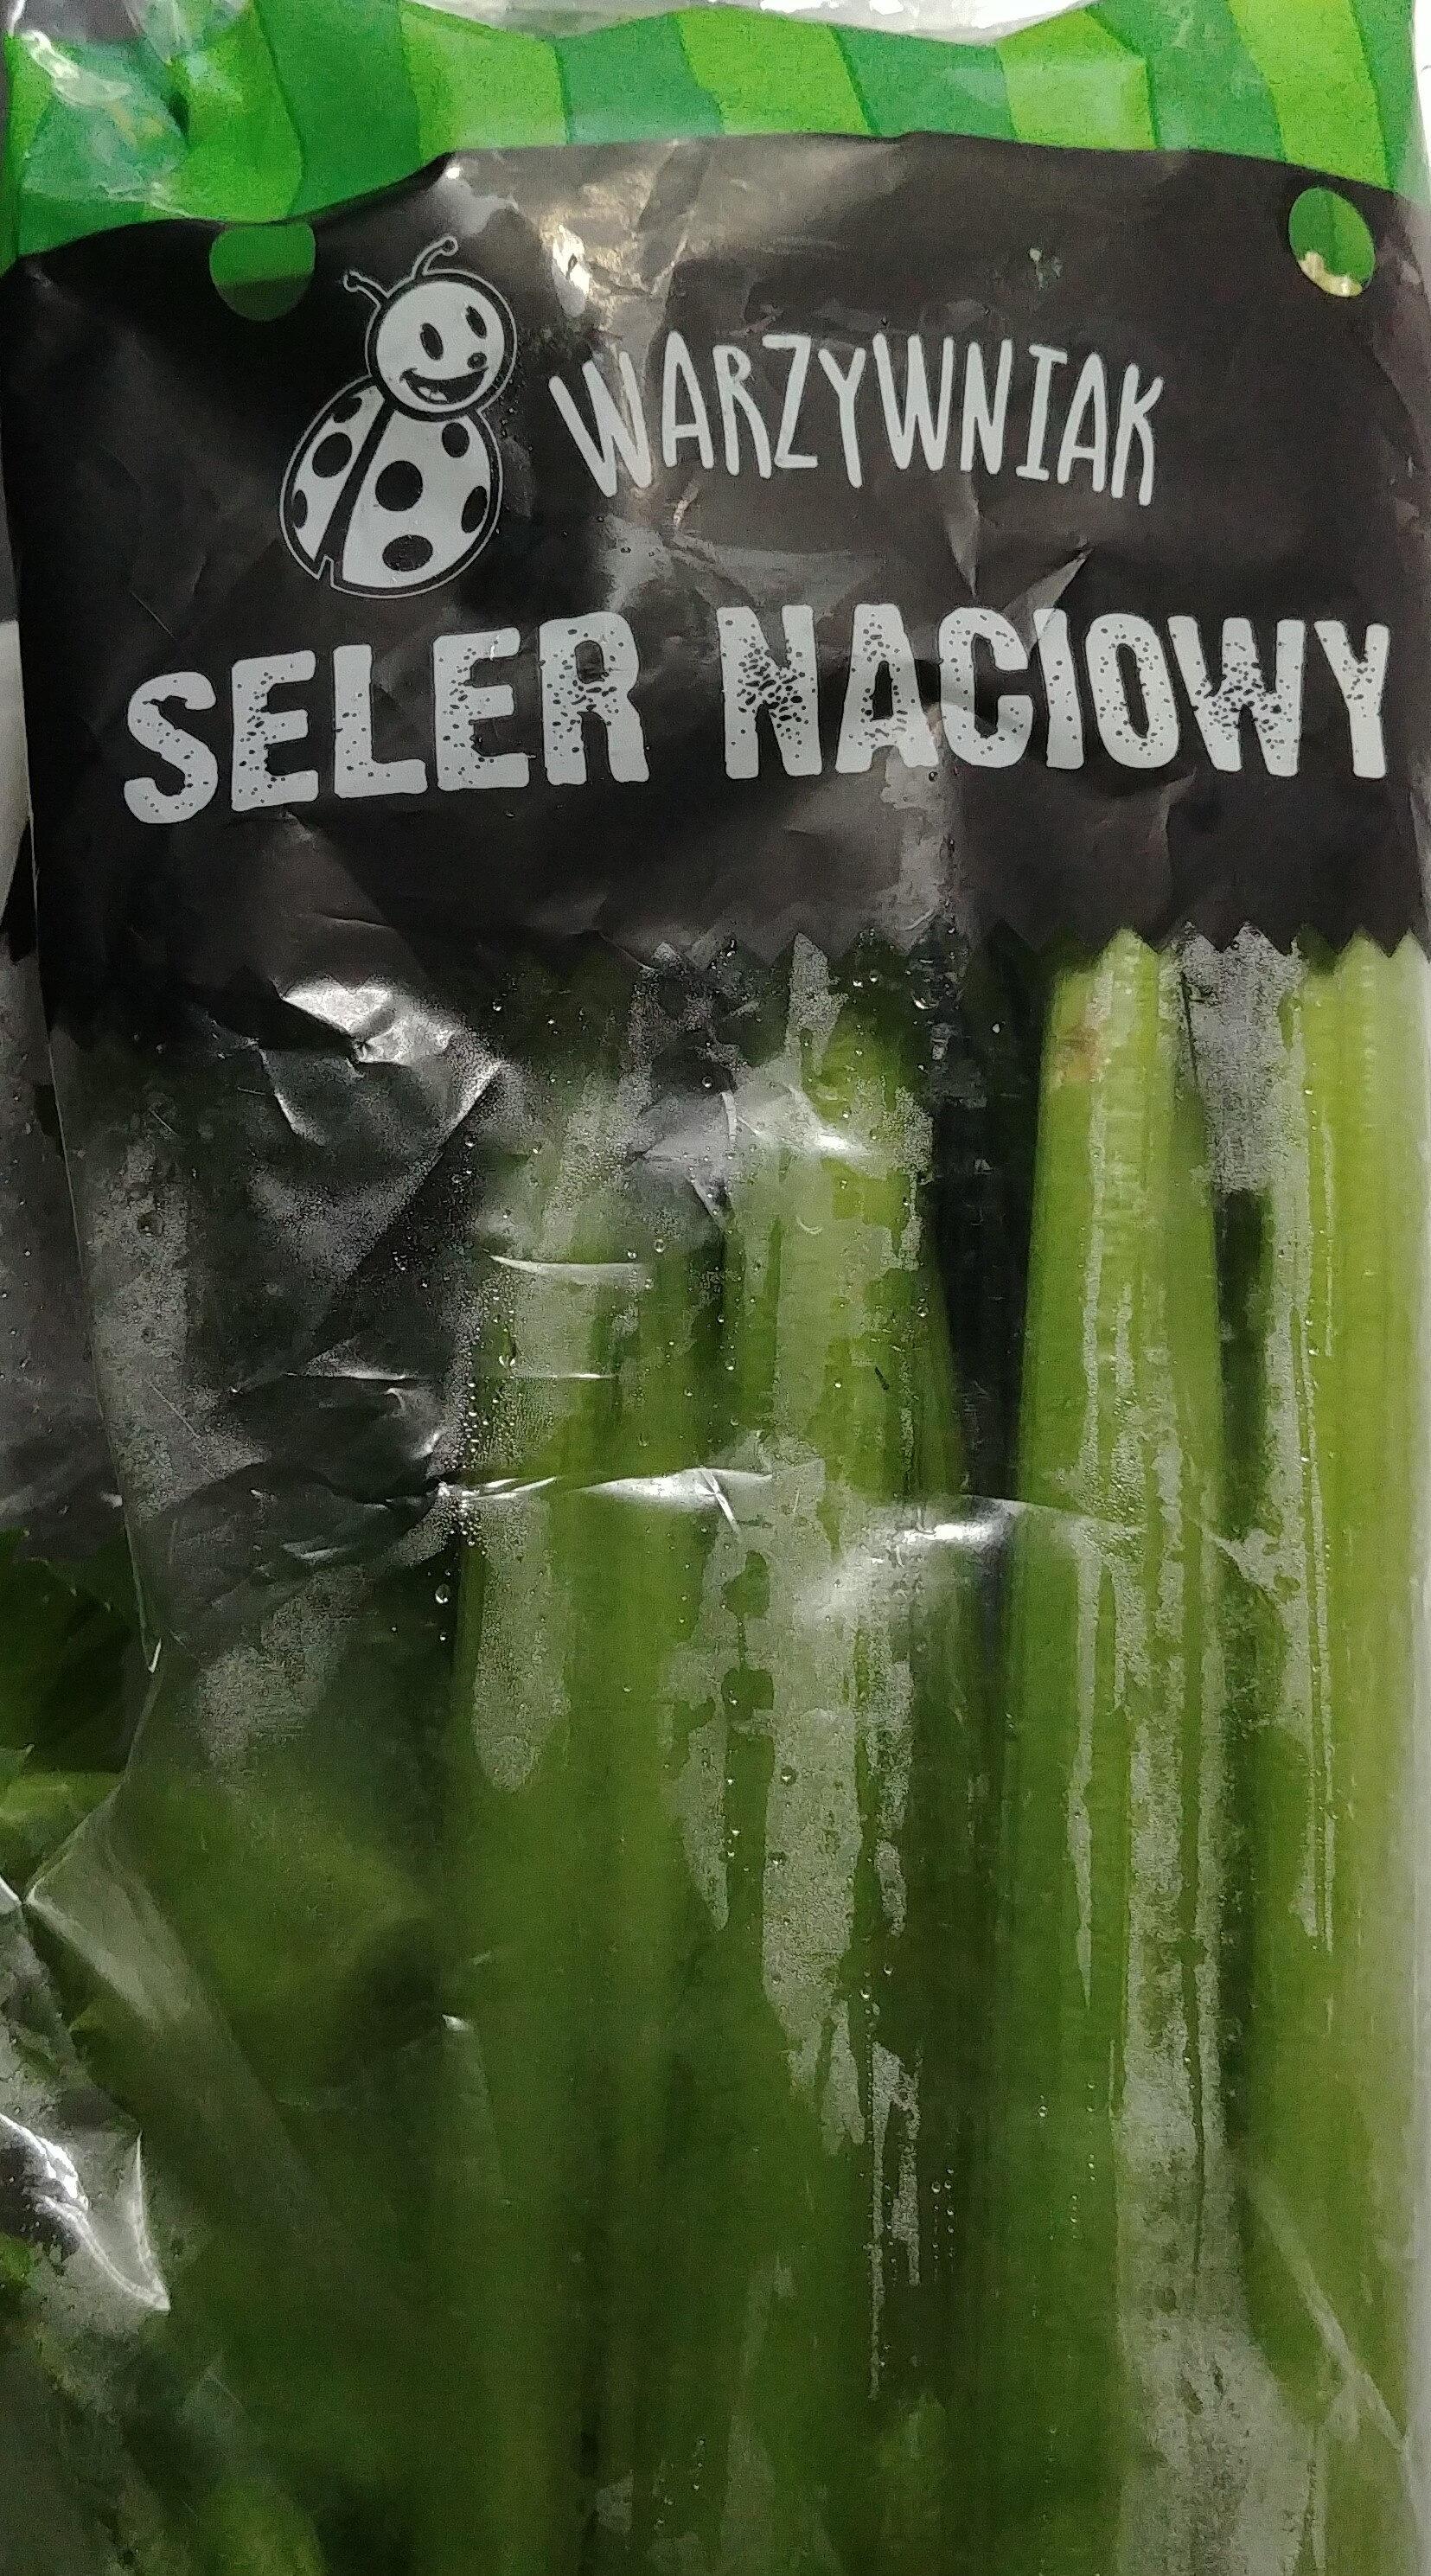 Seler naciowy - Produkt - pl